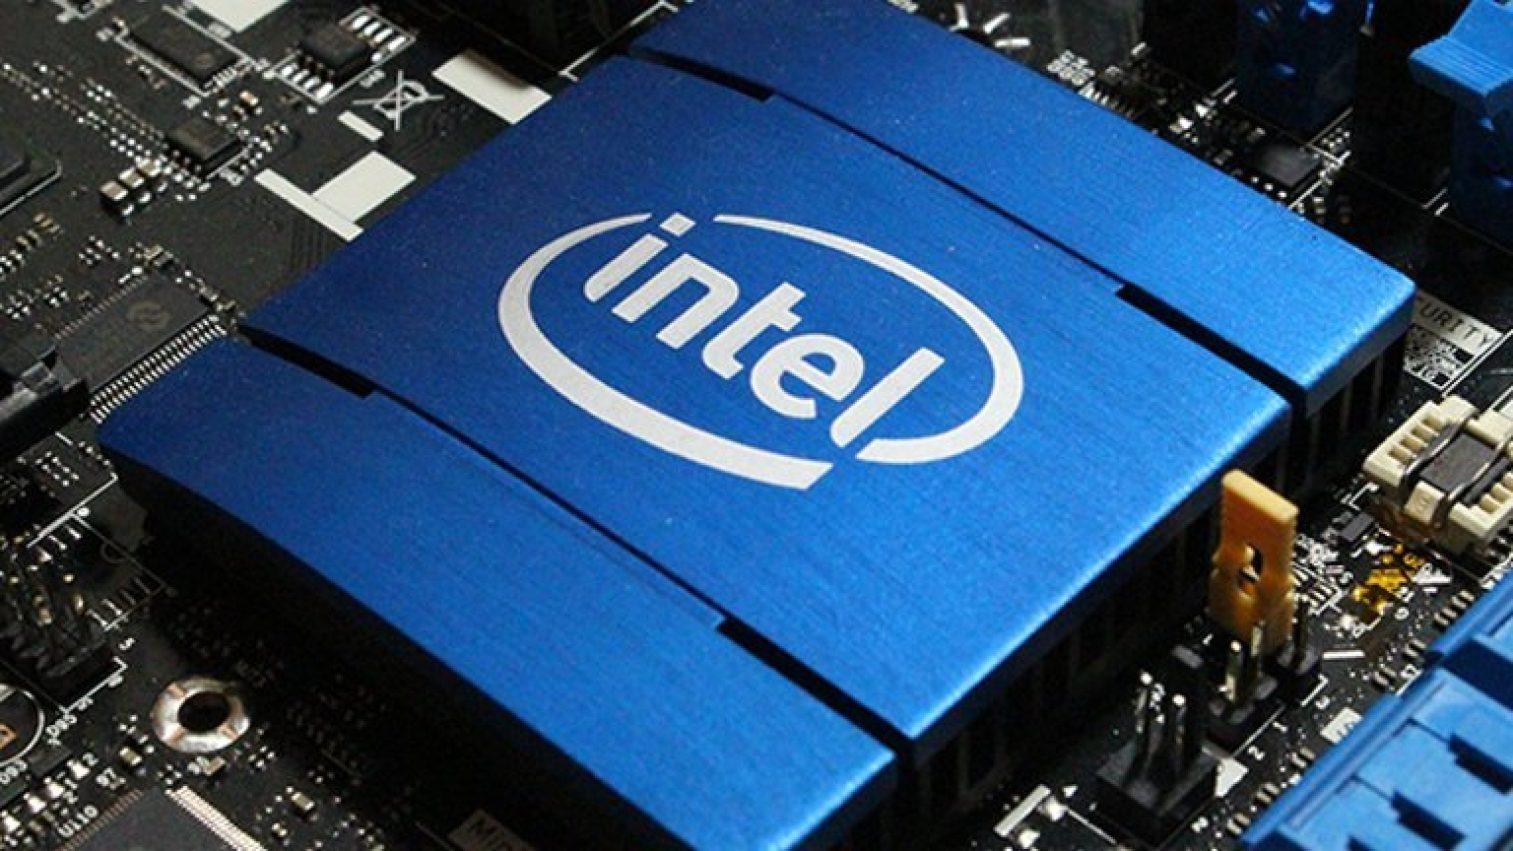 Industryweek 27047 010818 Intel Chip